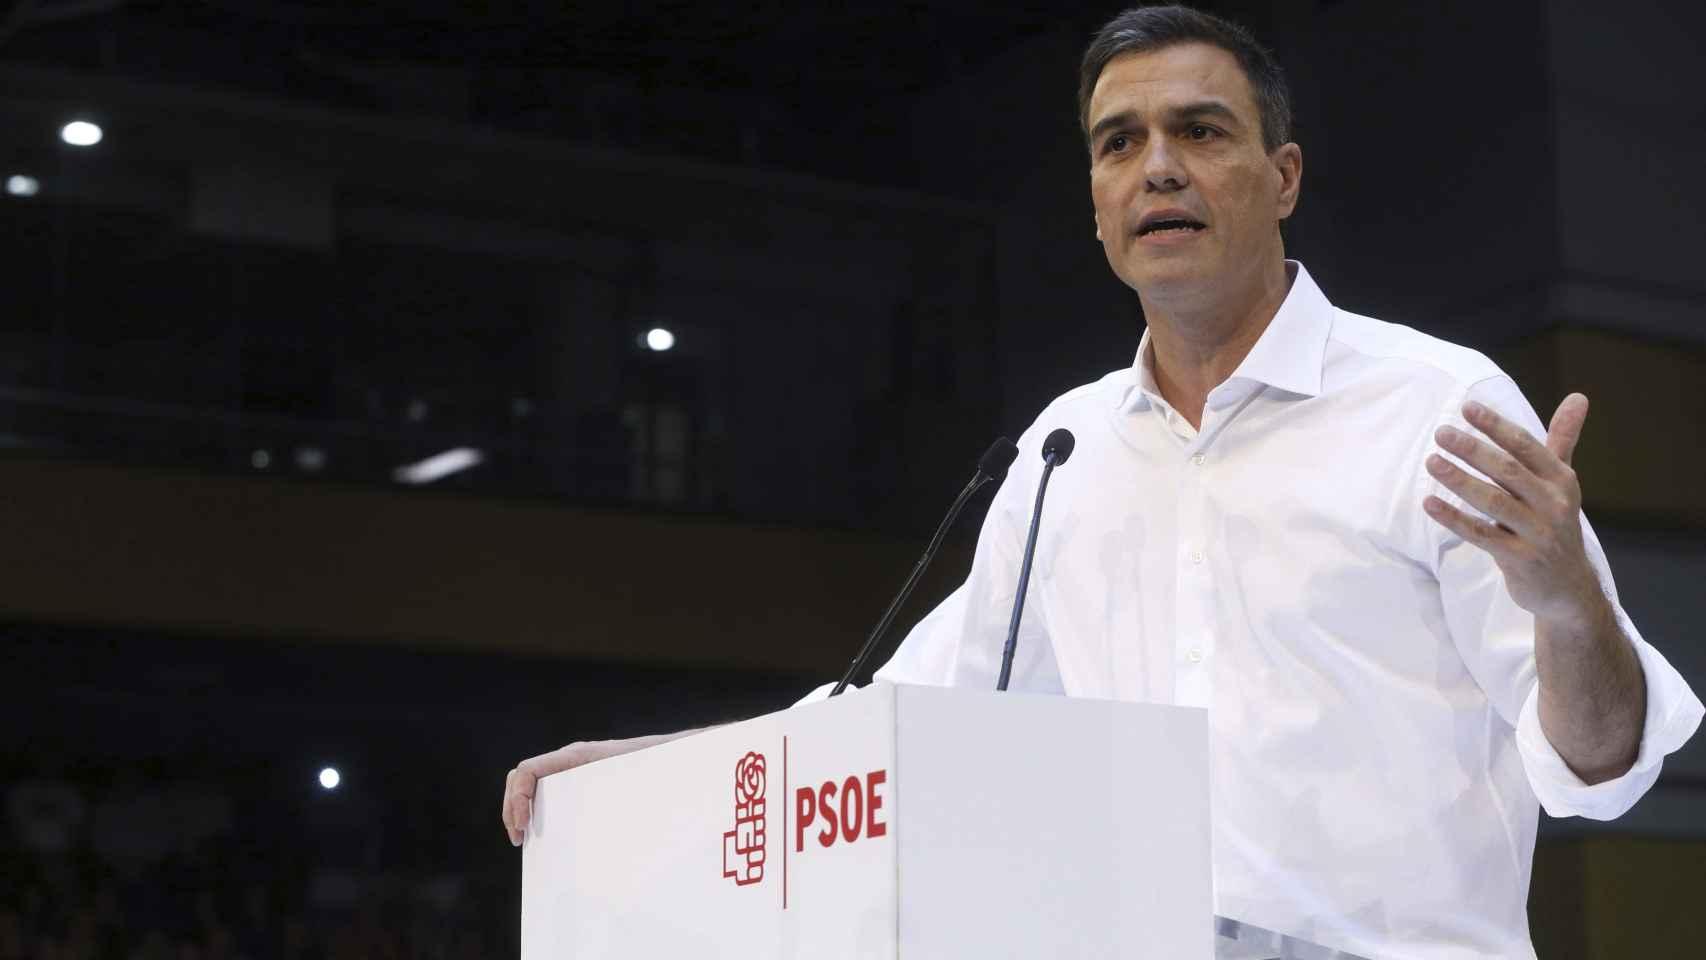 Sánchez pretende demostrar que el PSOE está limpio y regenerará el país.